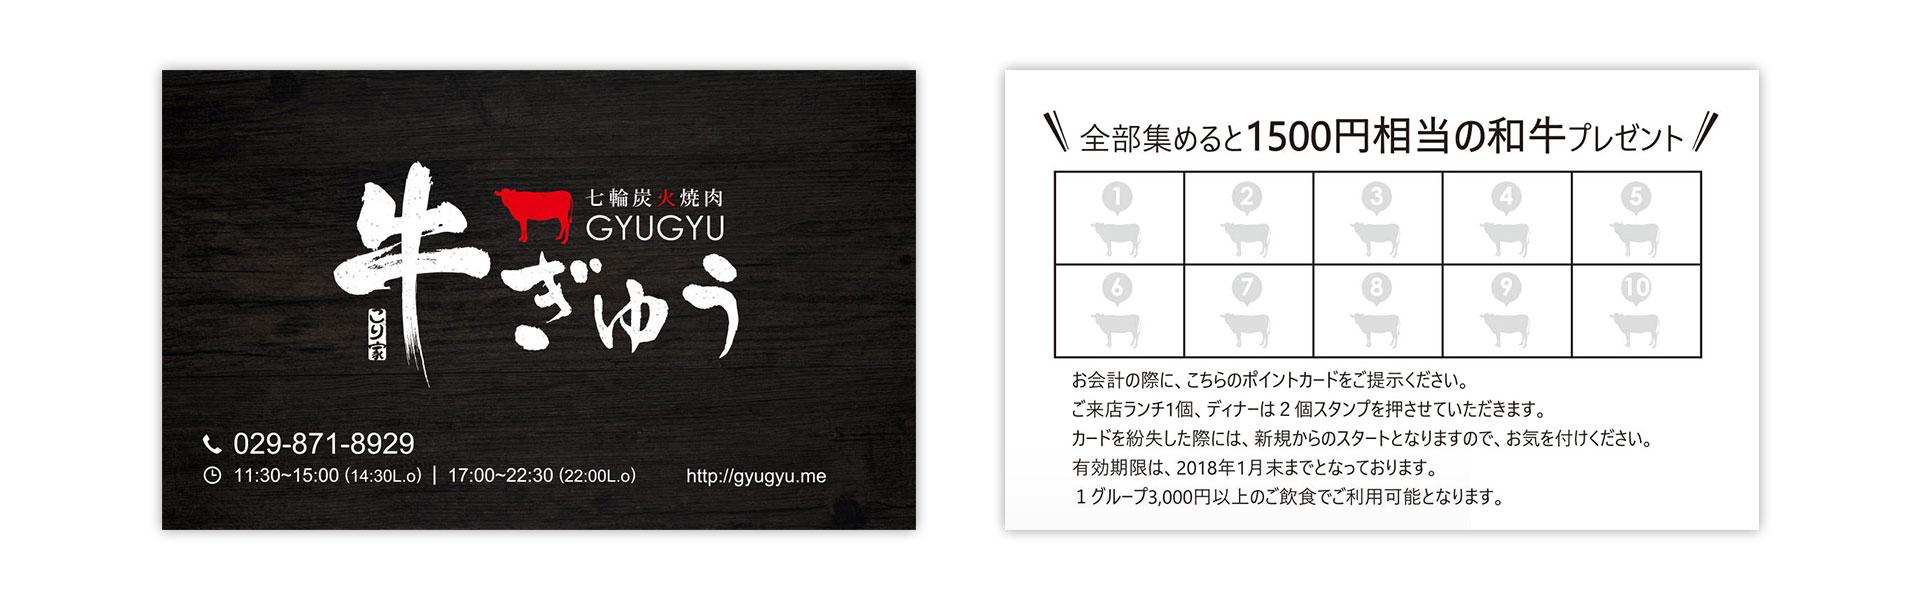 七輪炭火焼肉 牛ぎゅう ポイントカード